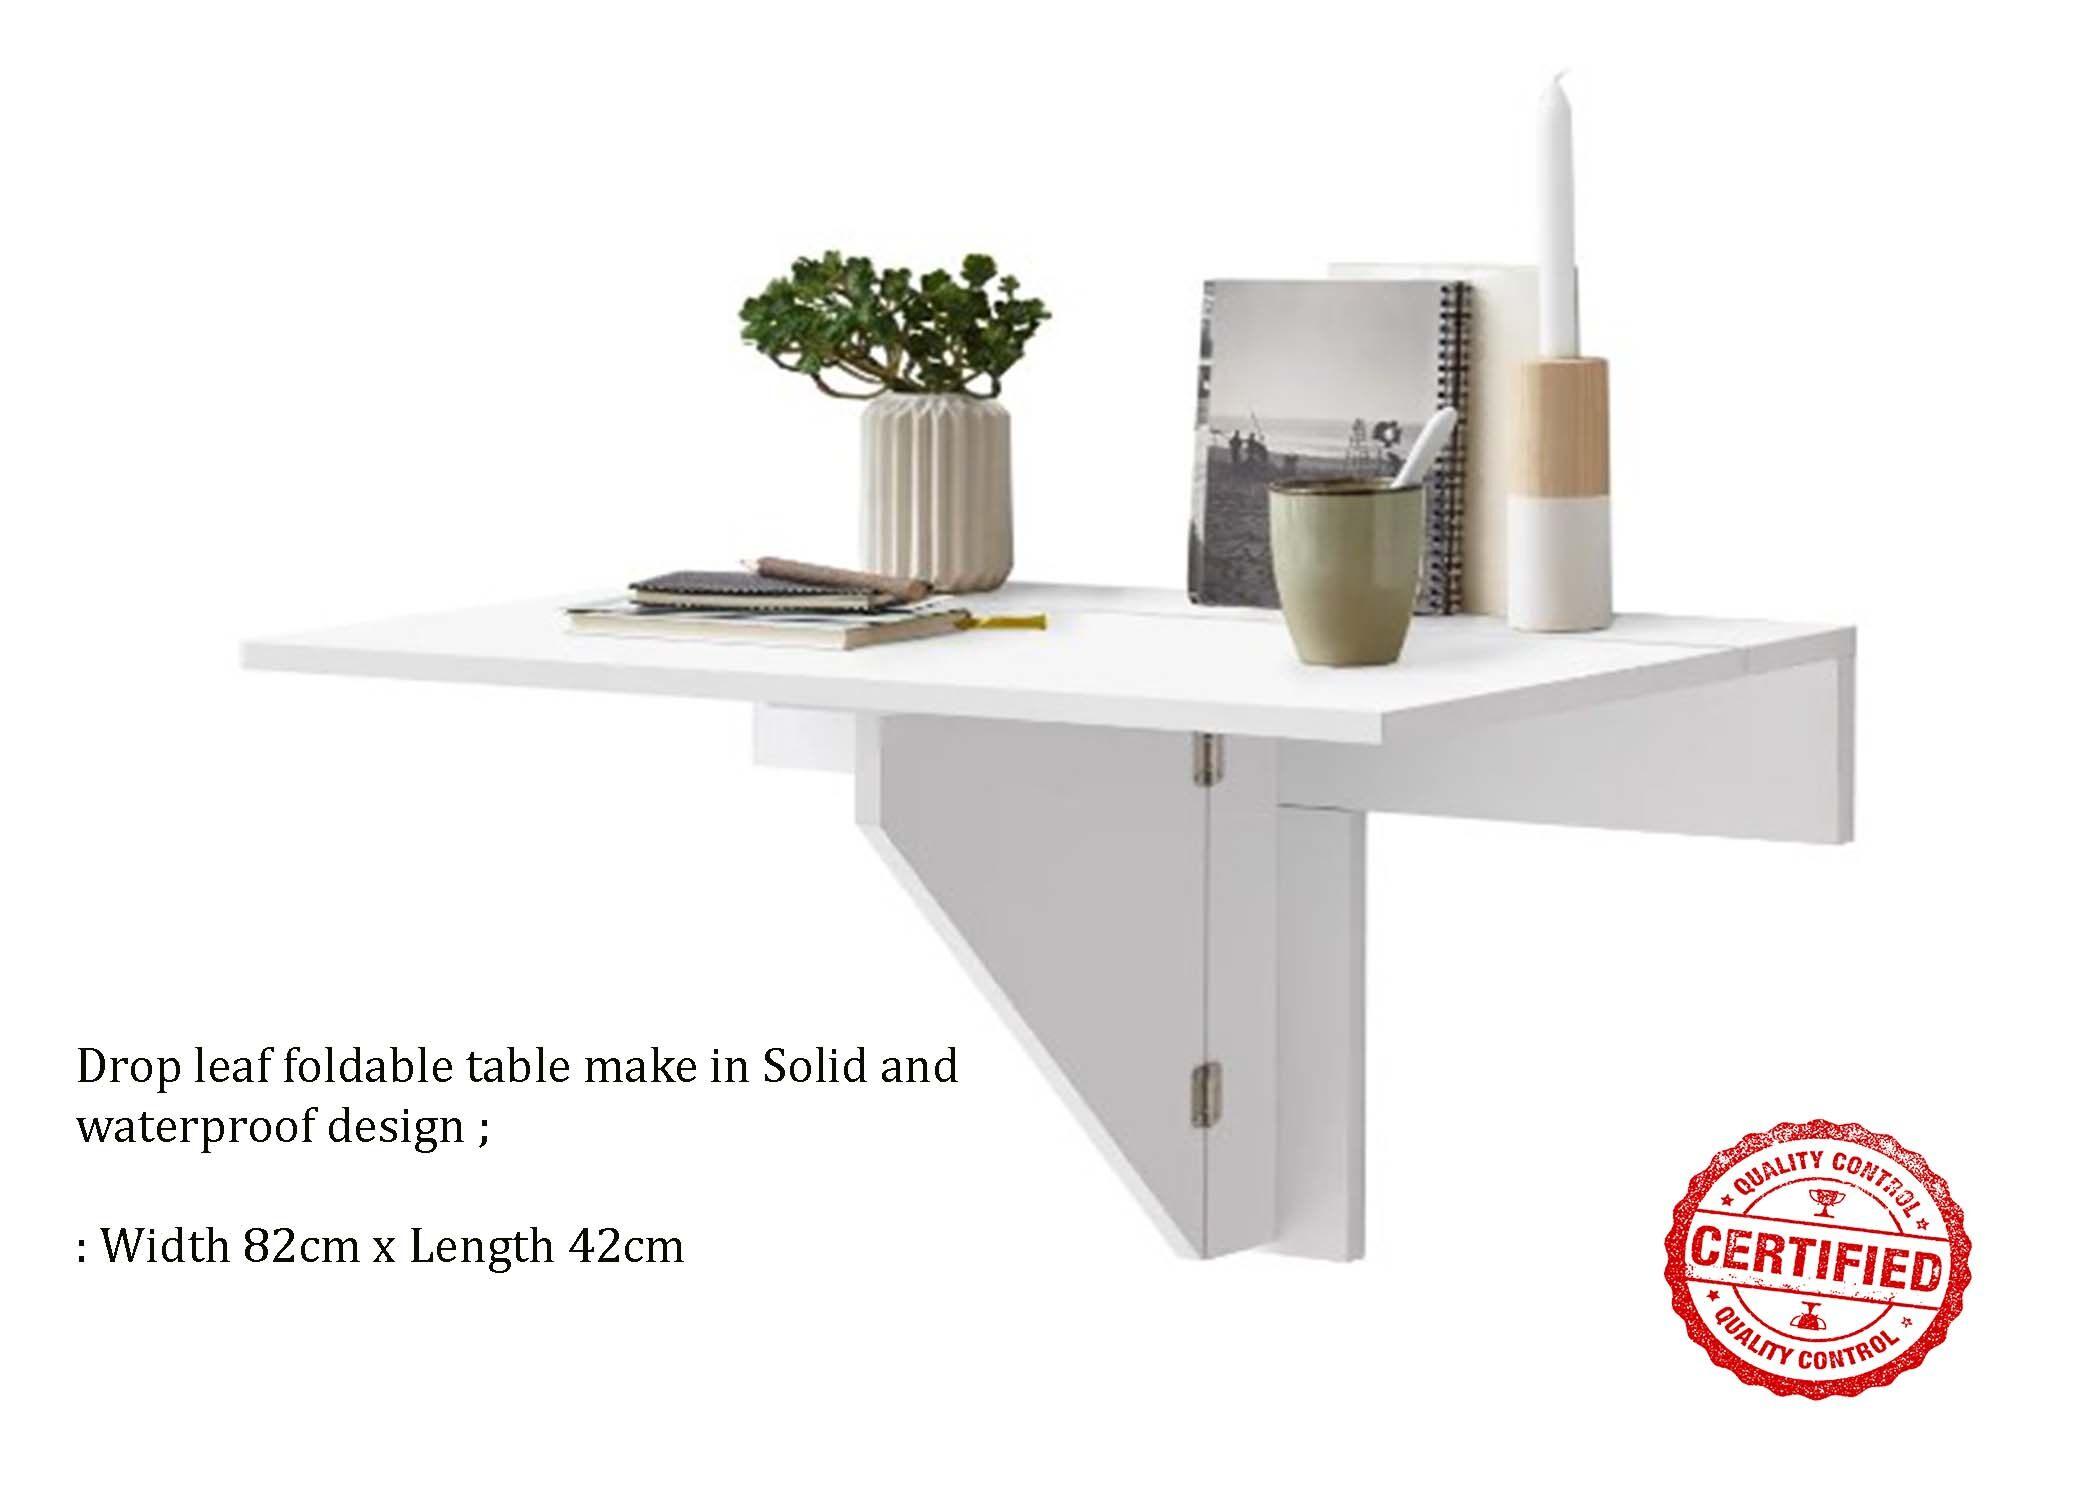 Drop leaf foldable table adjustable